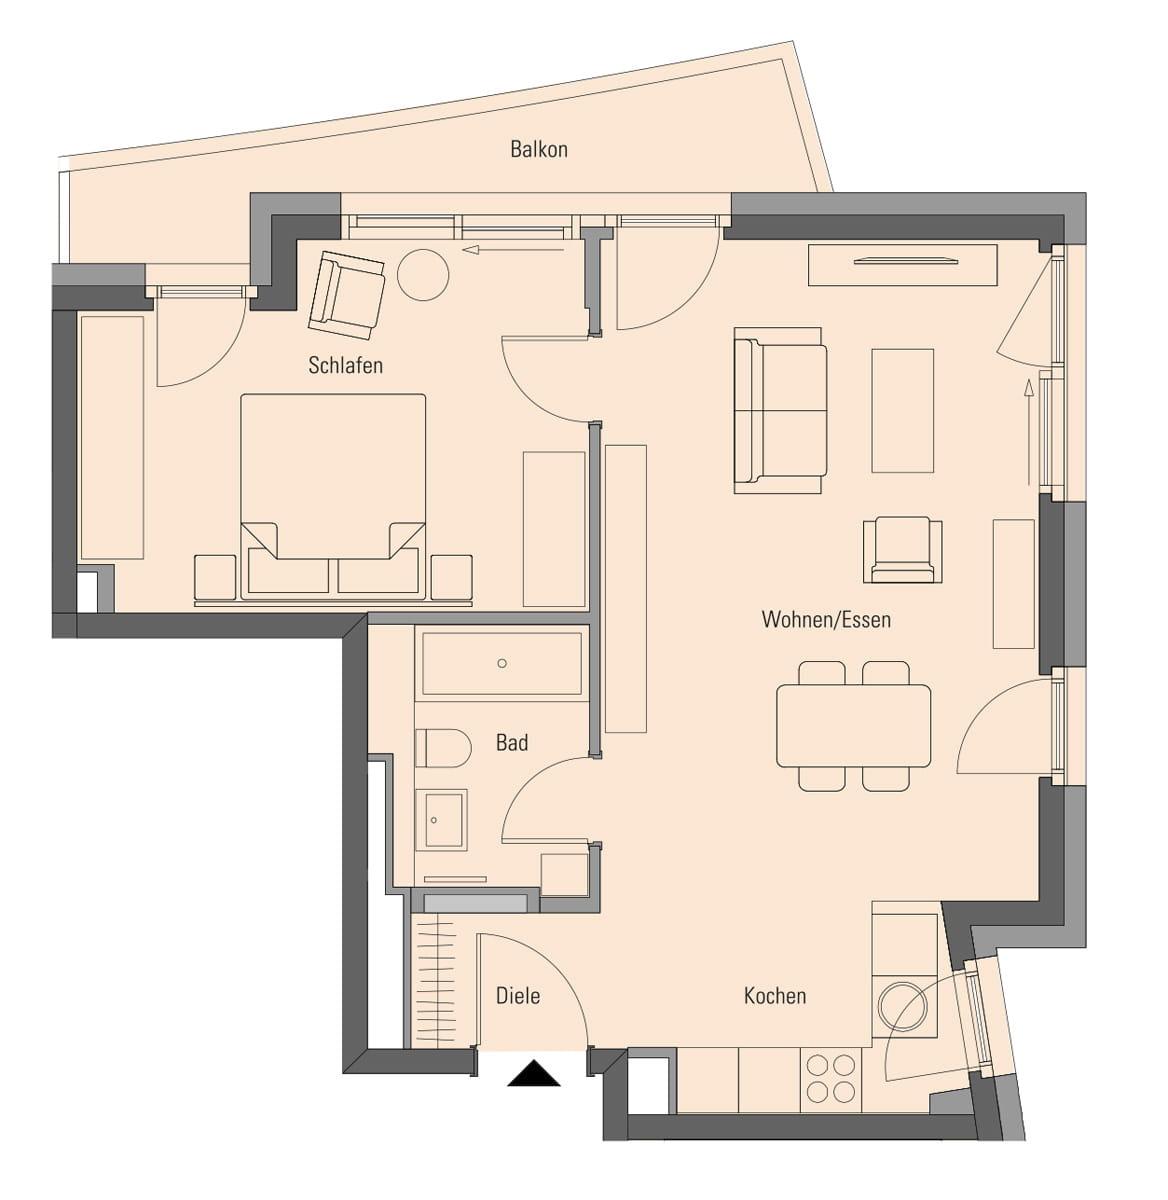 Apartment 2.2.8, 2 Rooms, 62.6 m²